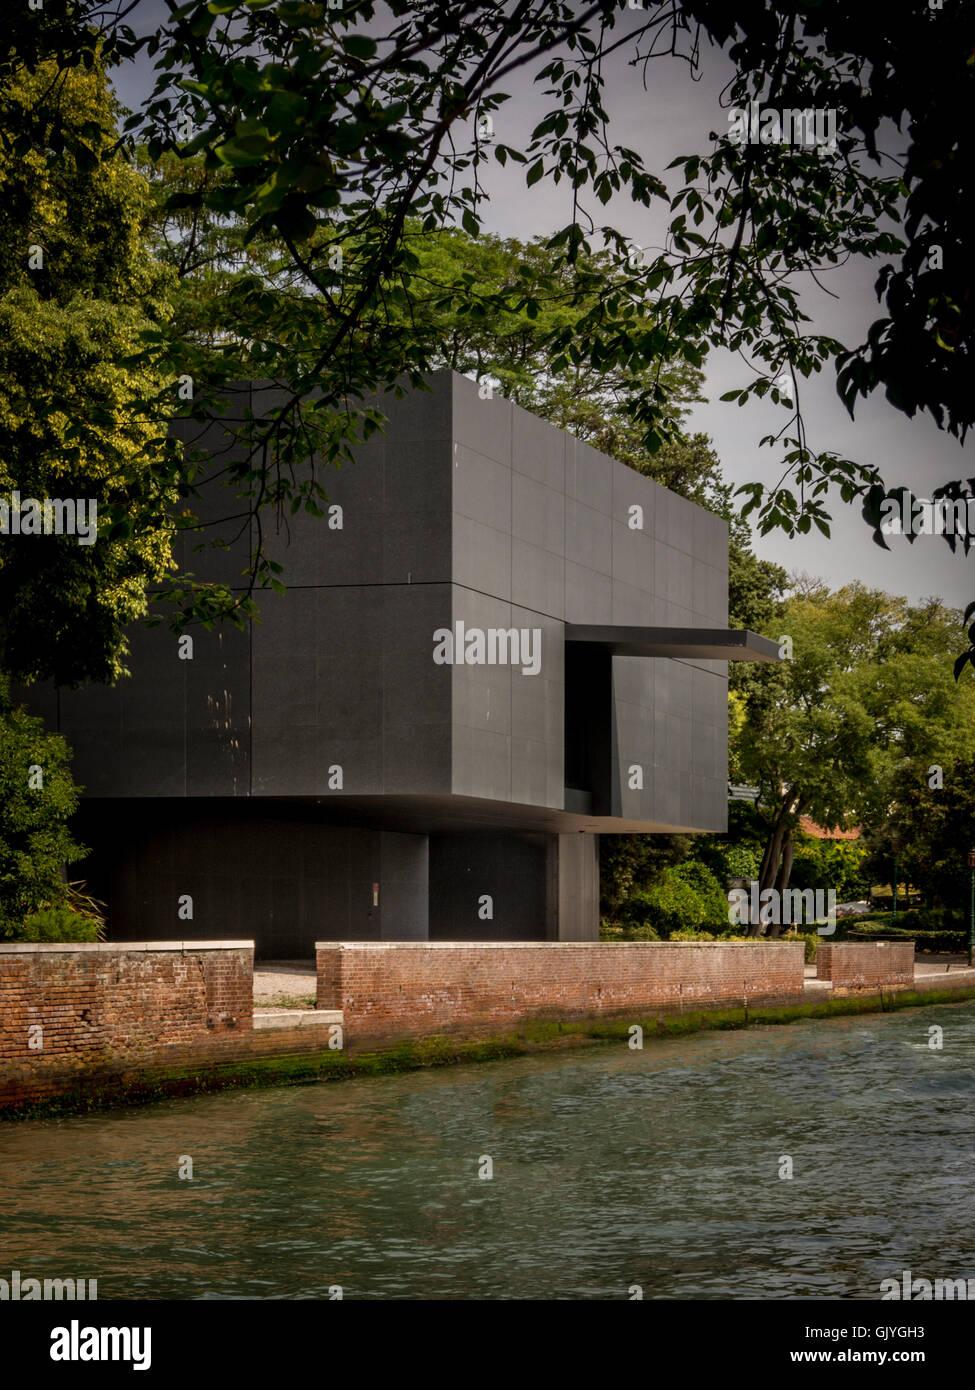 Australia Pavilion affacciato sul Rio dei Giardini canal, Giardini della Biennale. Un'architettura presentano Immagini Stock